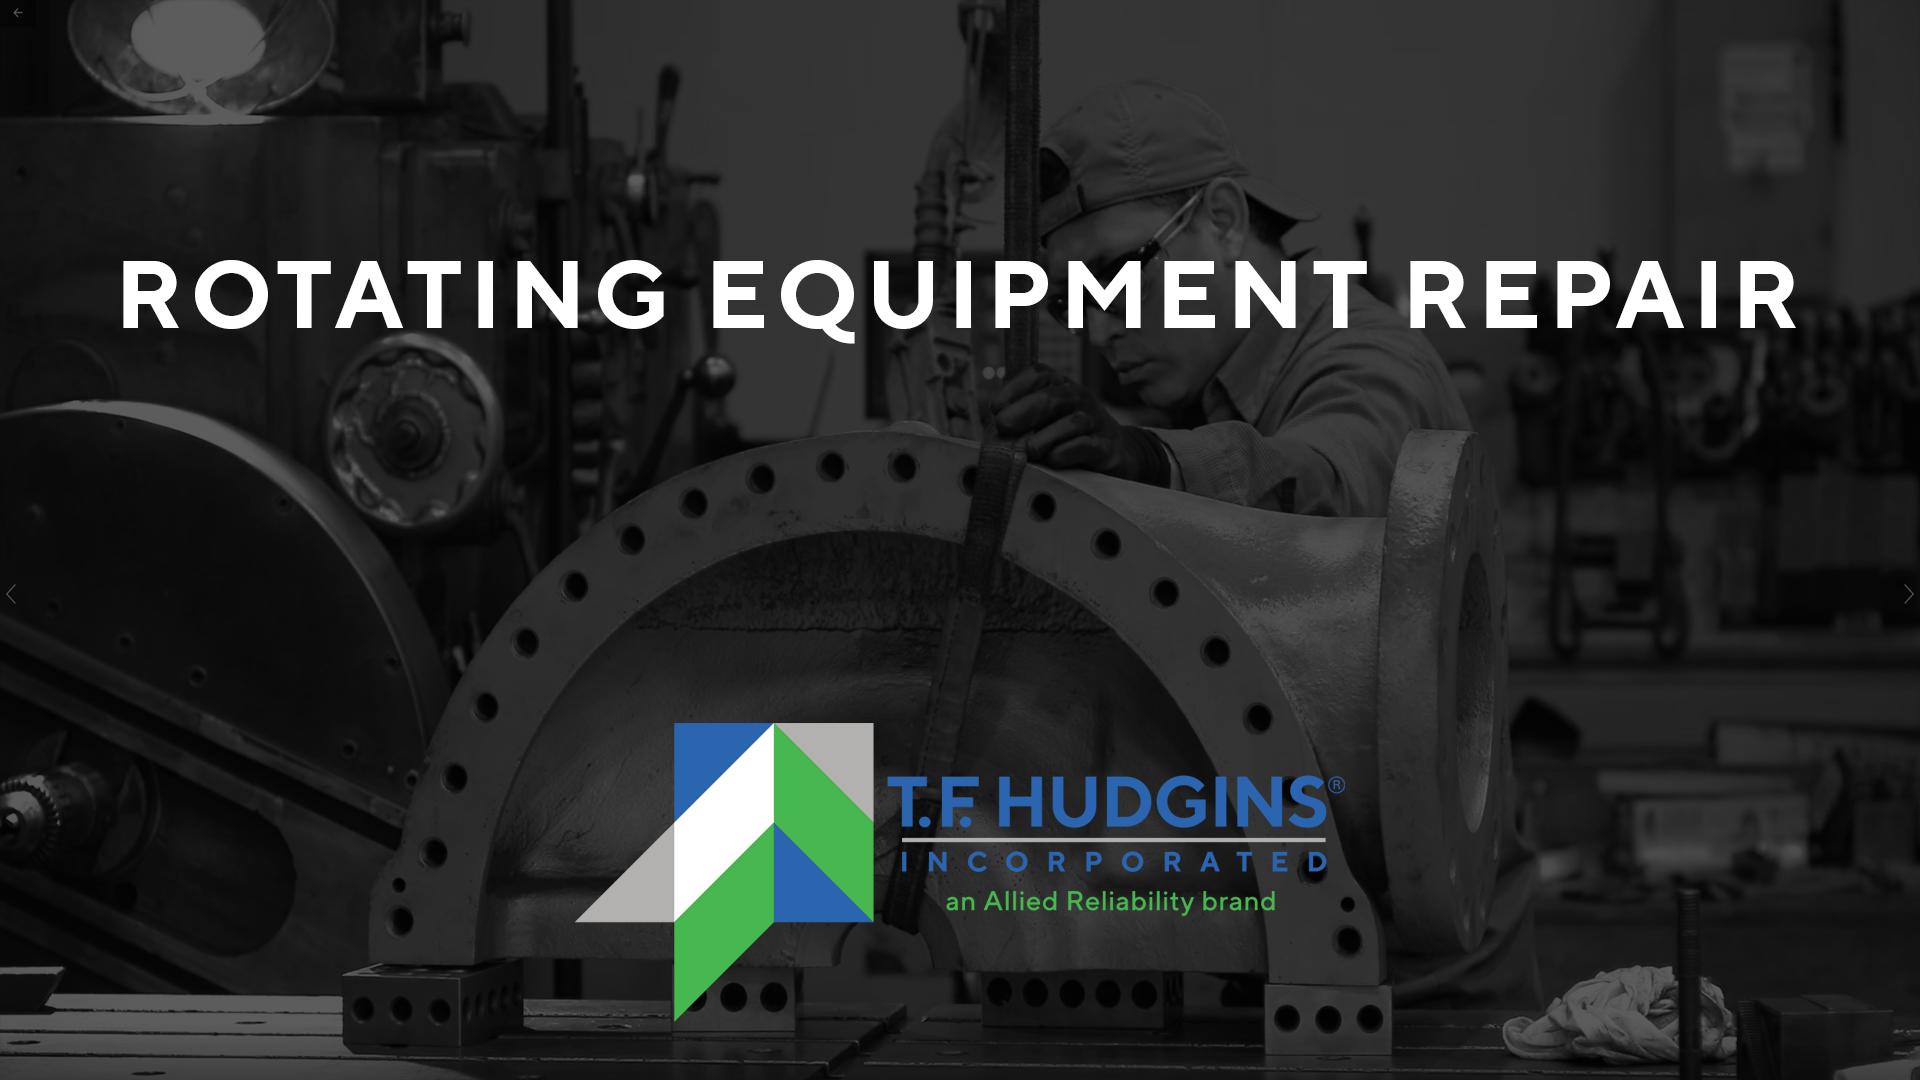 Rotating Equipment Repair